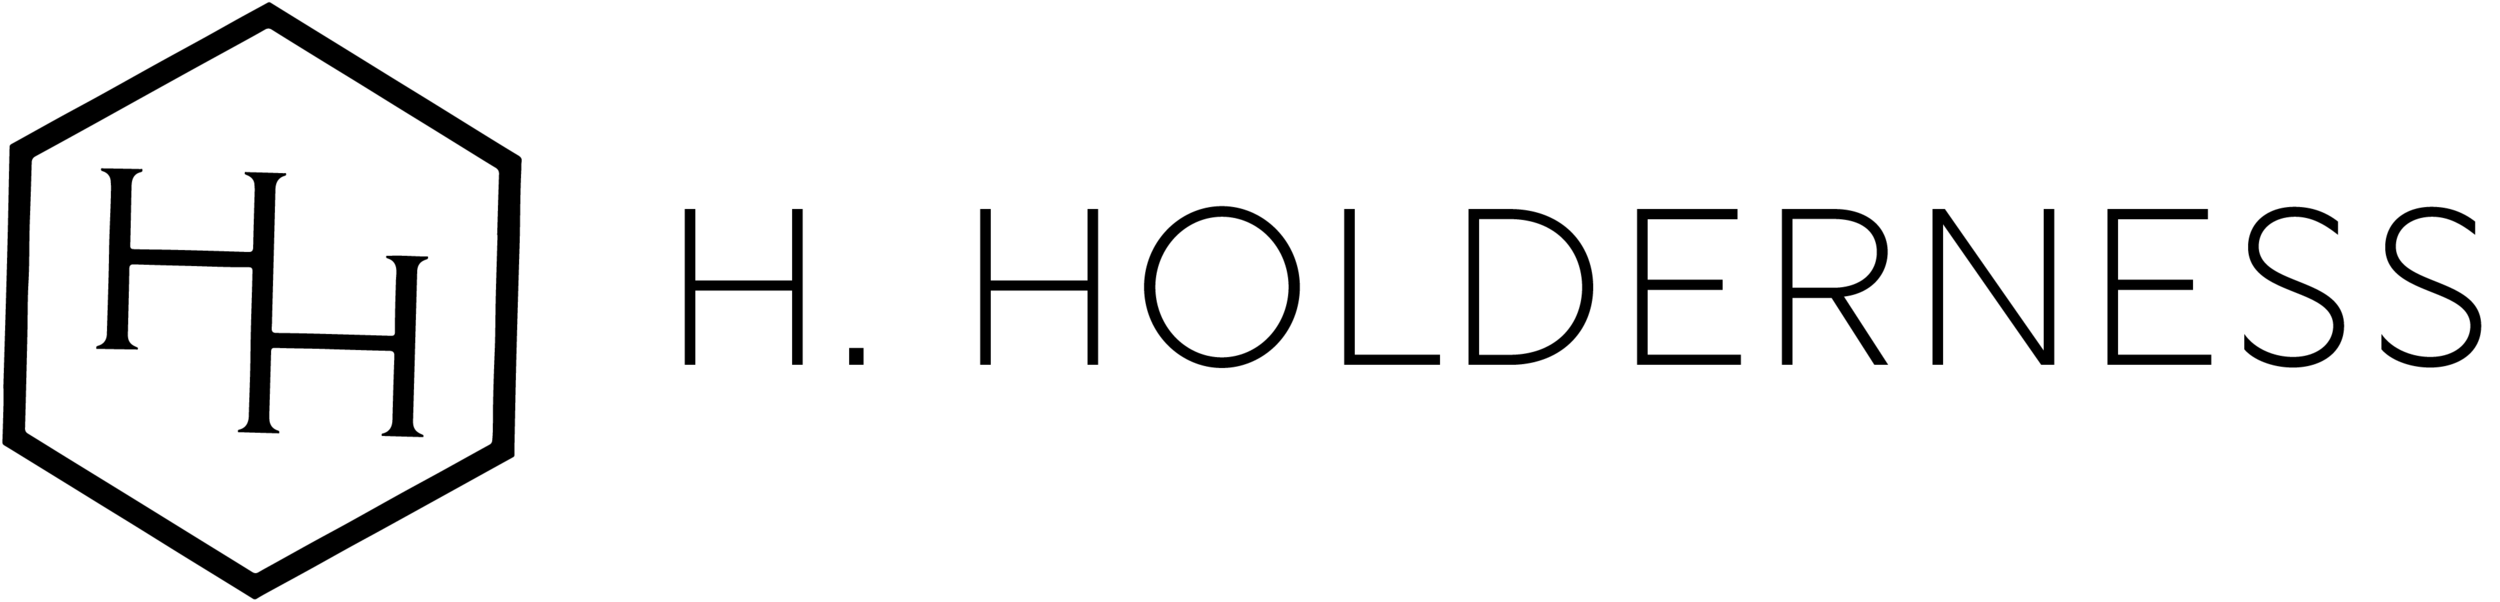 Website Header Logo 2.png